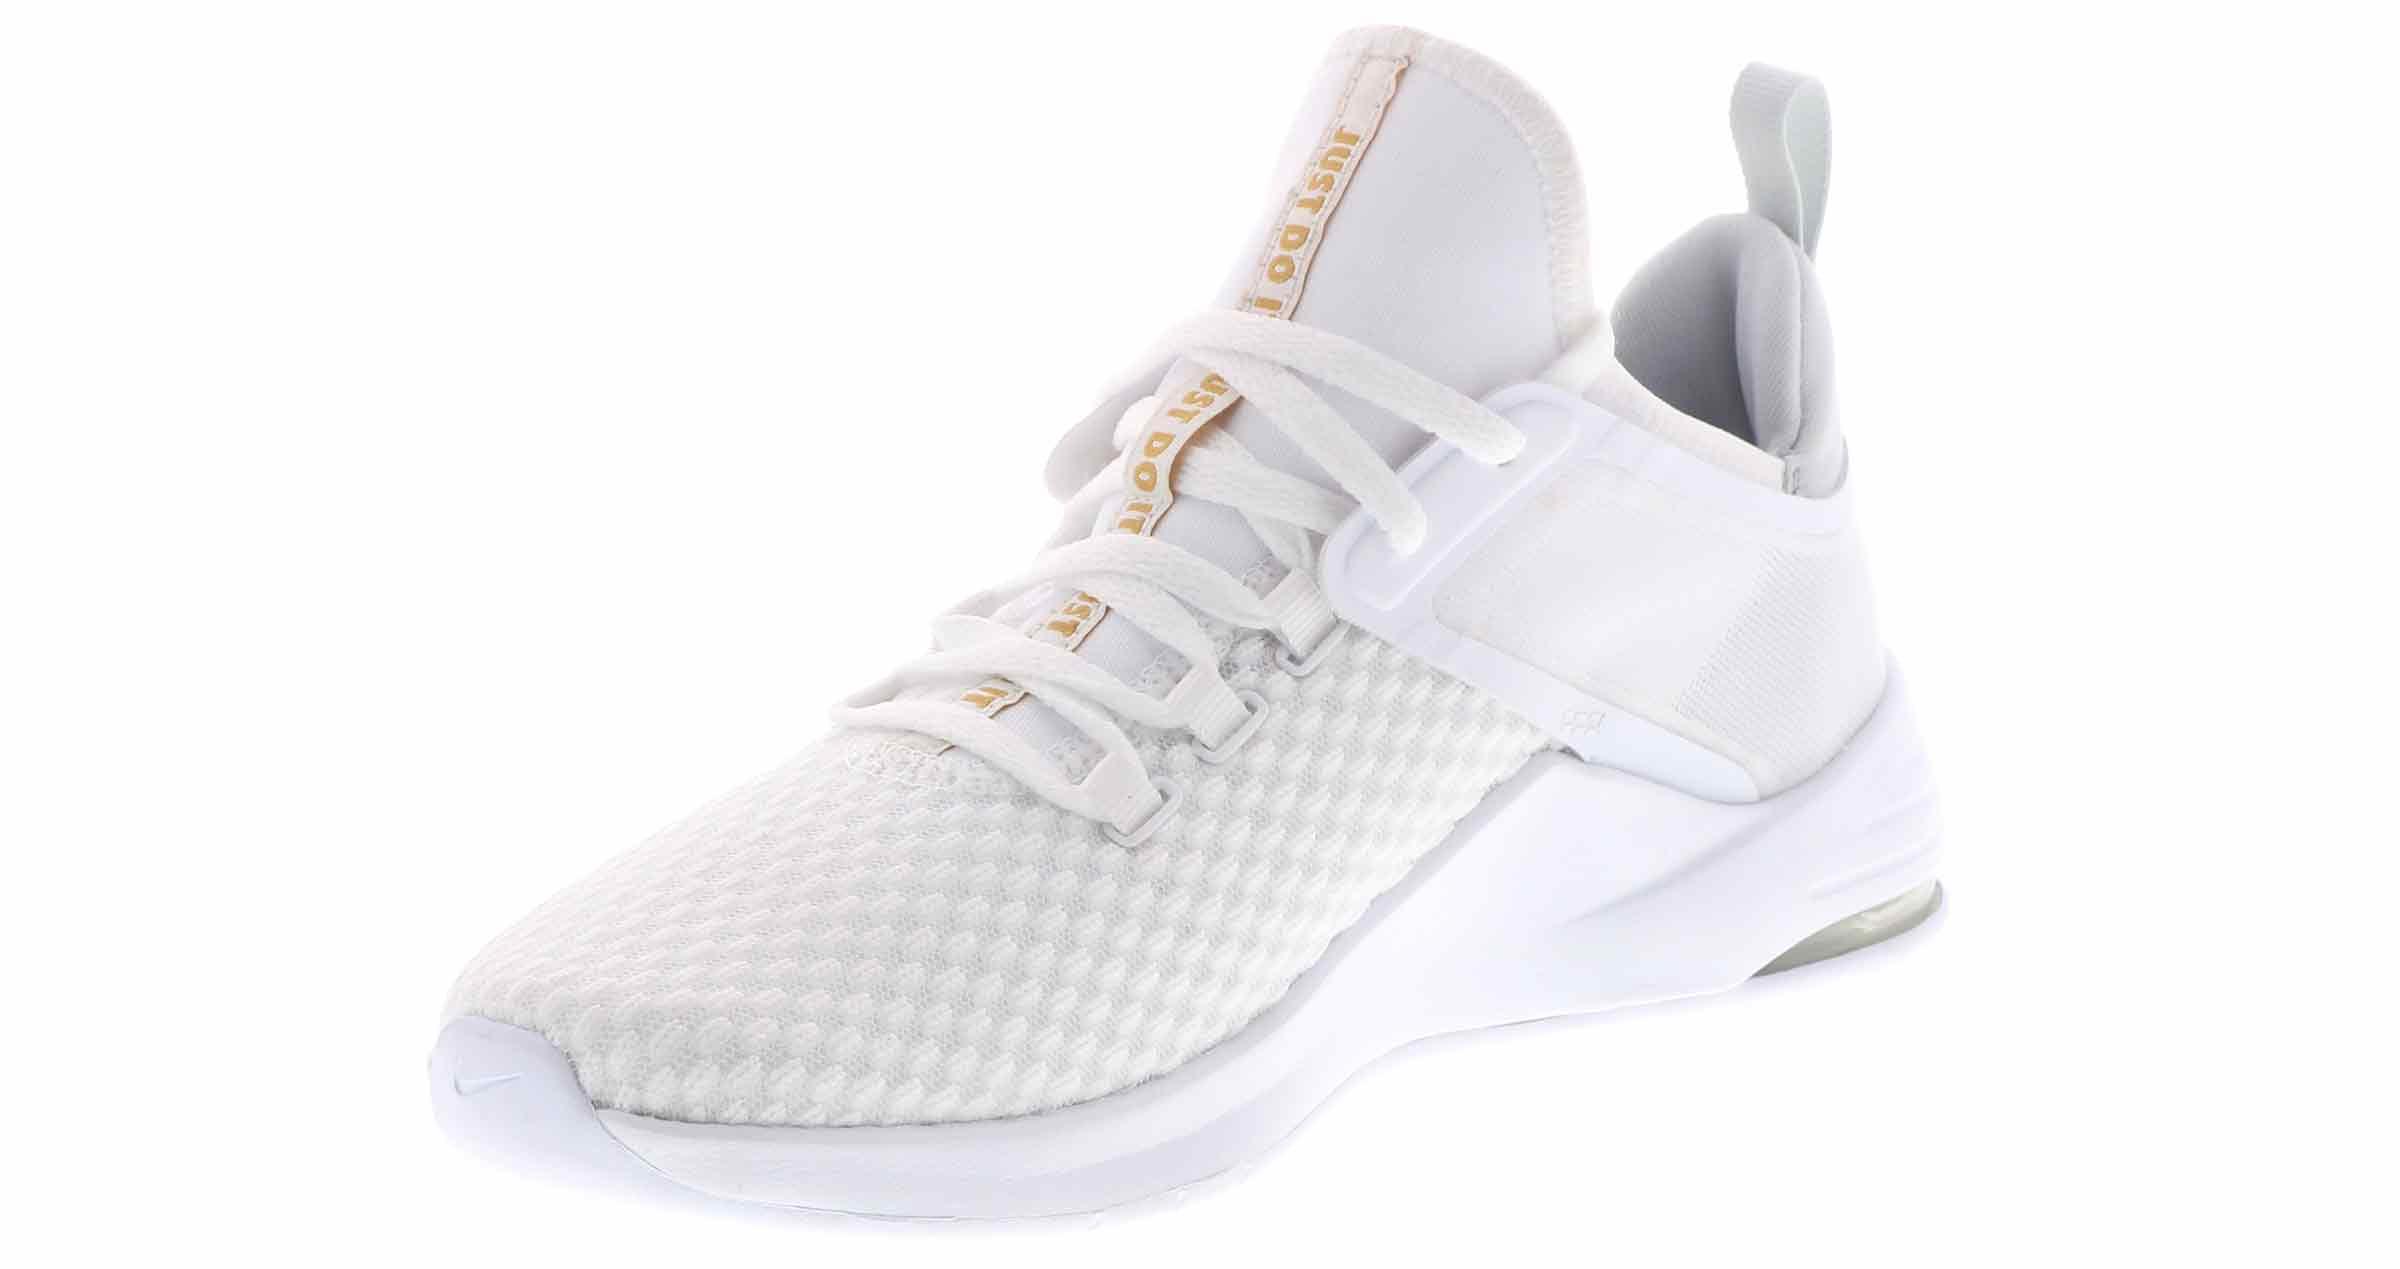 Schuhe NIKE Air Max Bella Tr 2 AQ7492 101 WhiteMetallic Gold